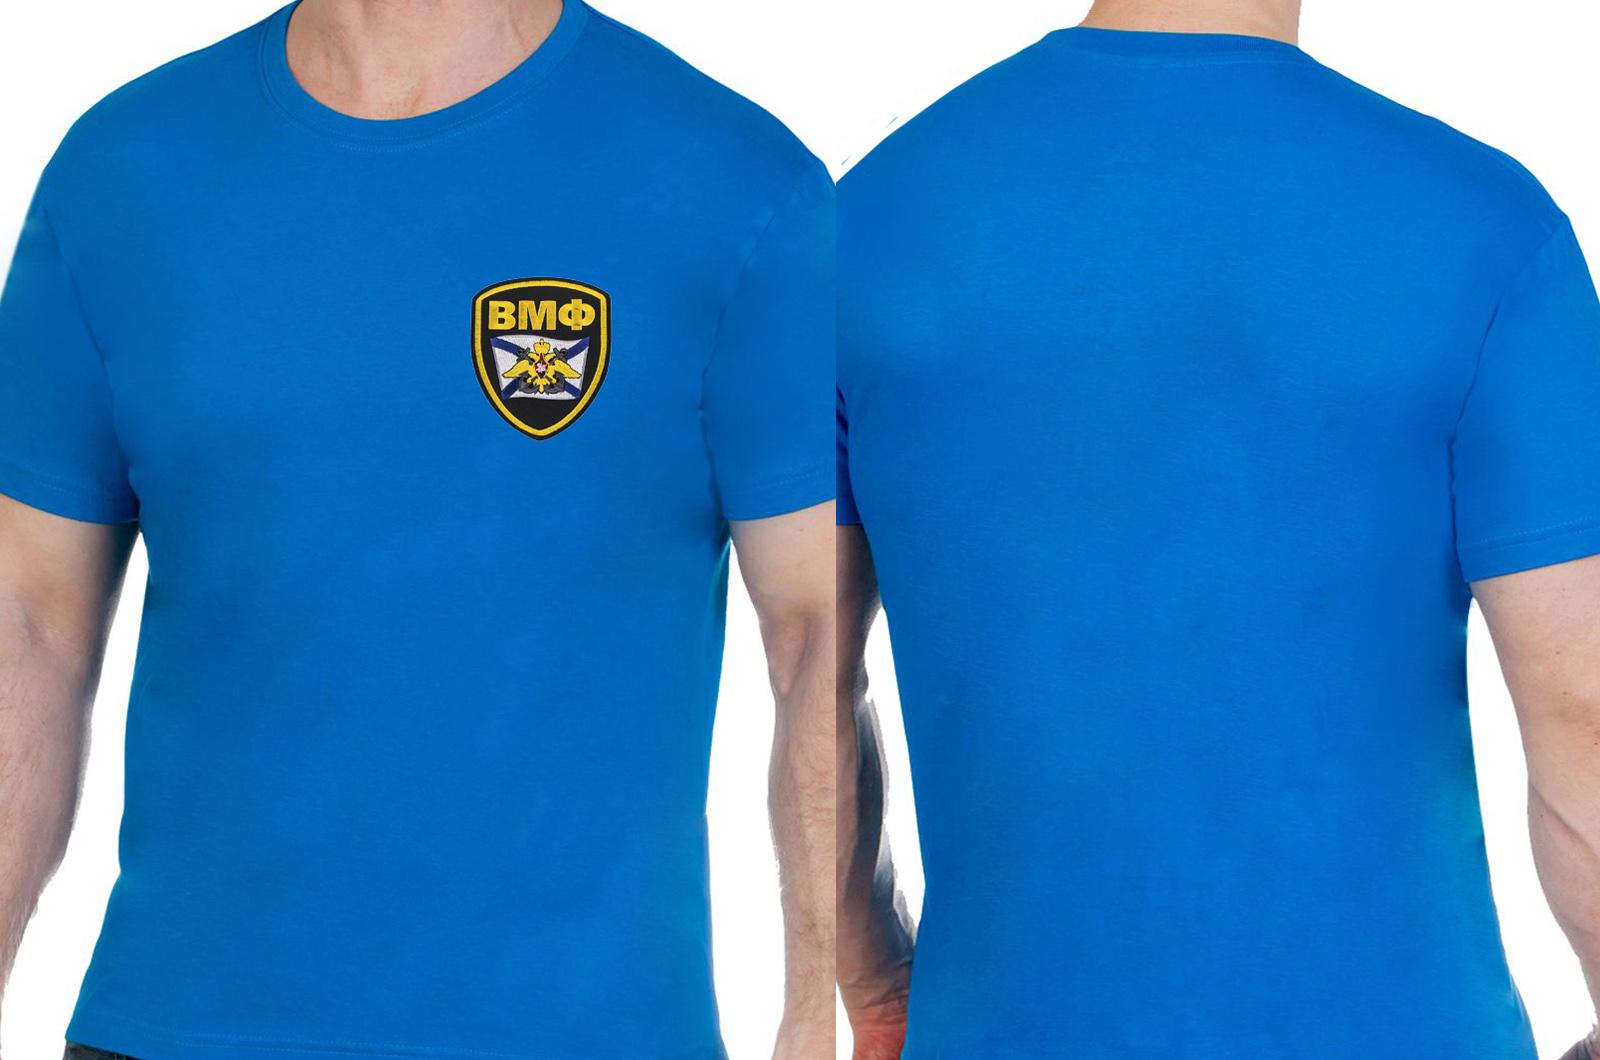 Хлопковая оригинальная футболка ВМФ - купить оптом